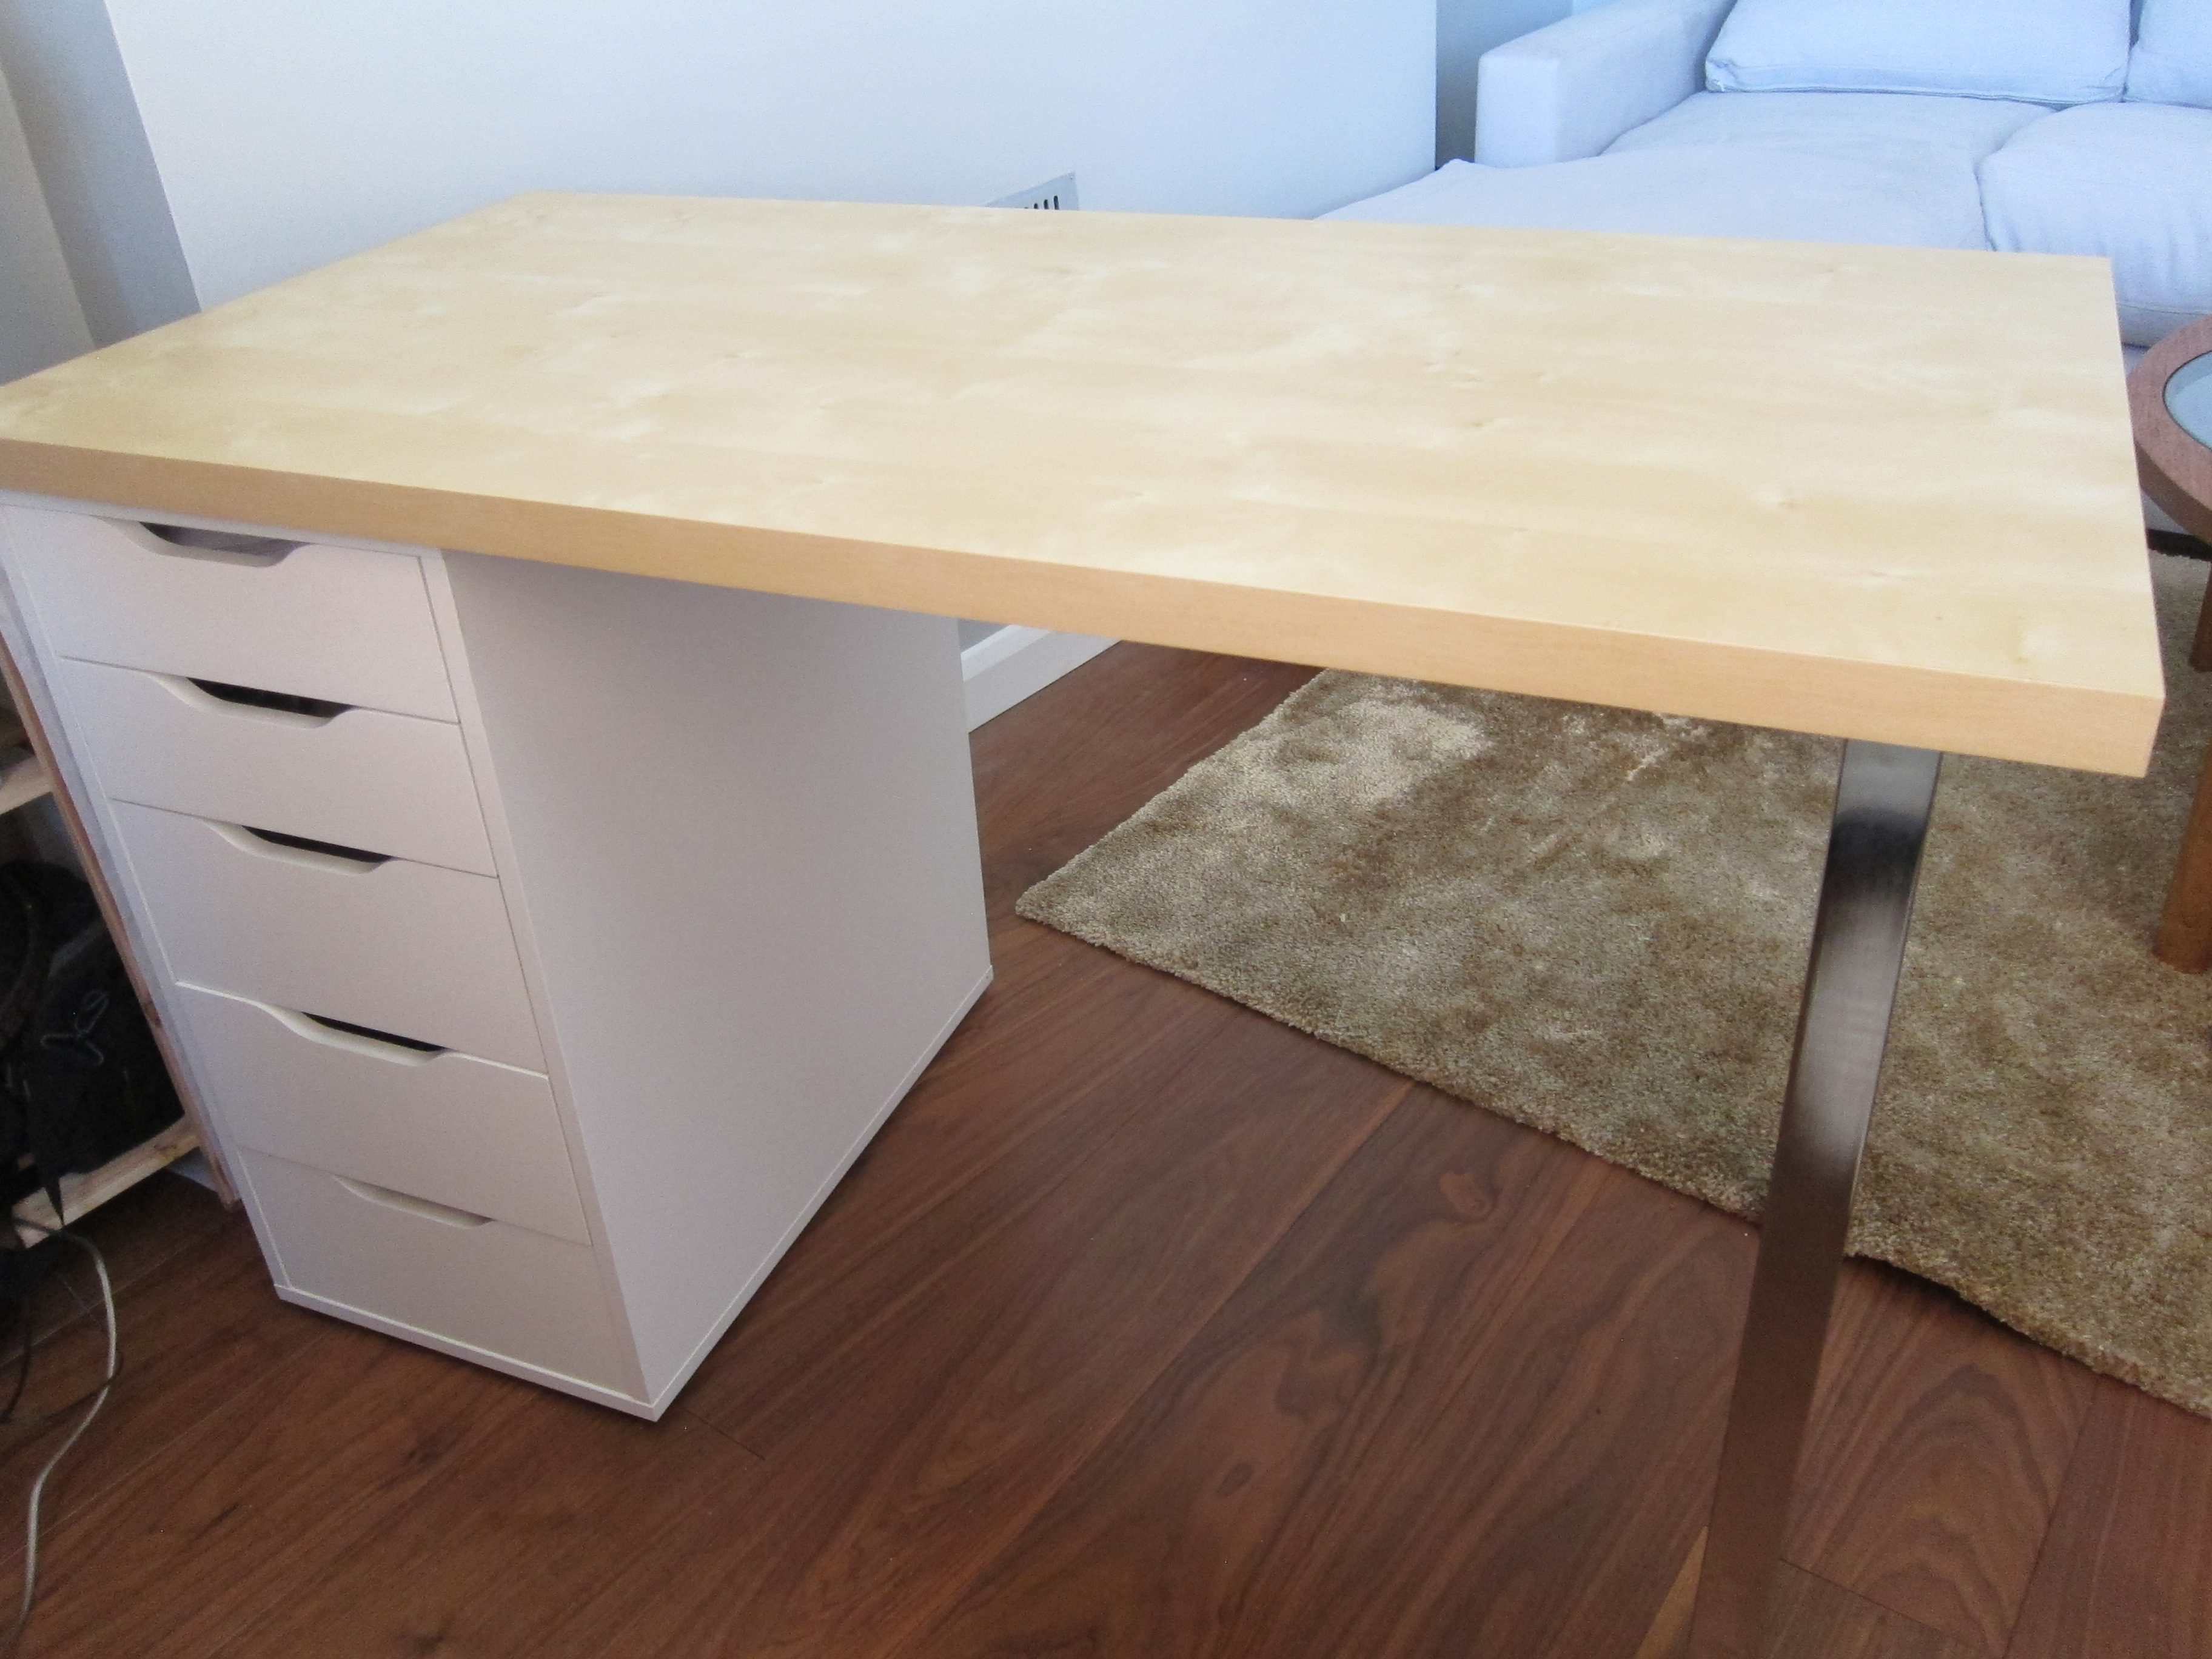 Bureau ikea linmon bureau ikea linnmon ≥ ikea linnmon bureau met